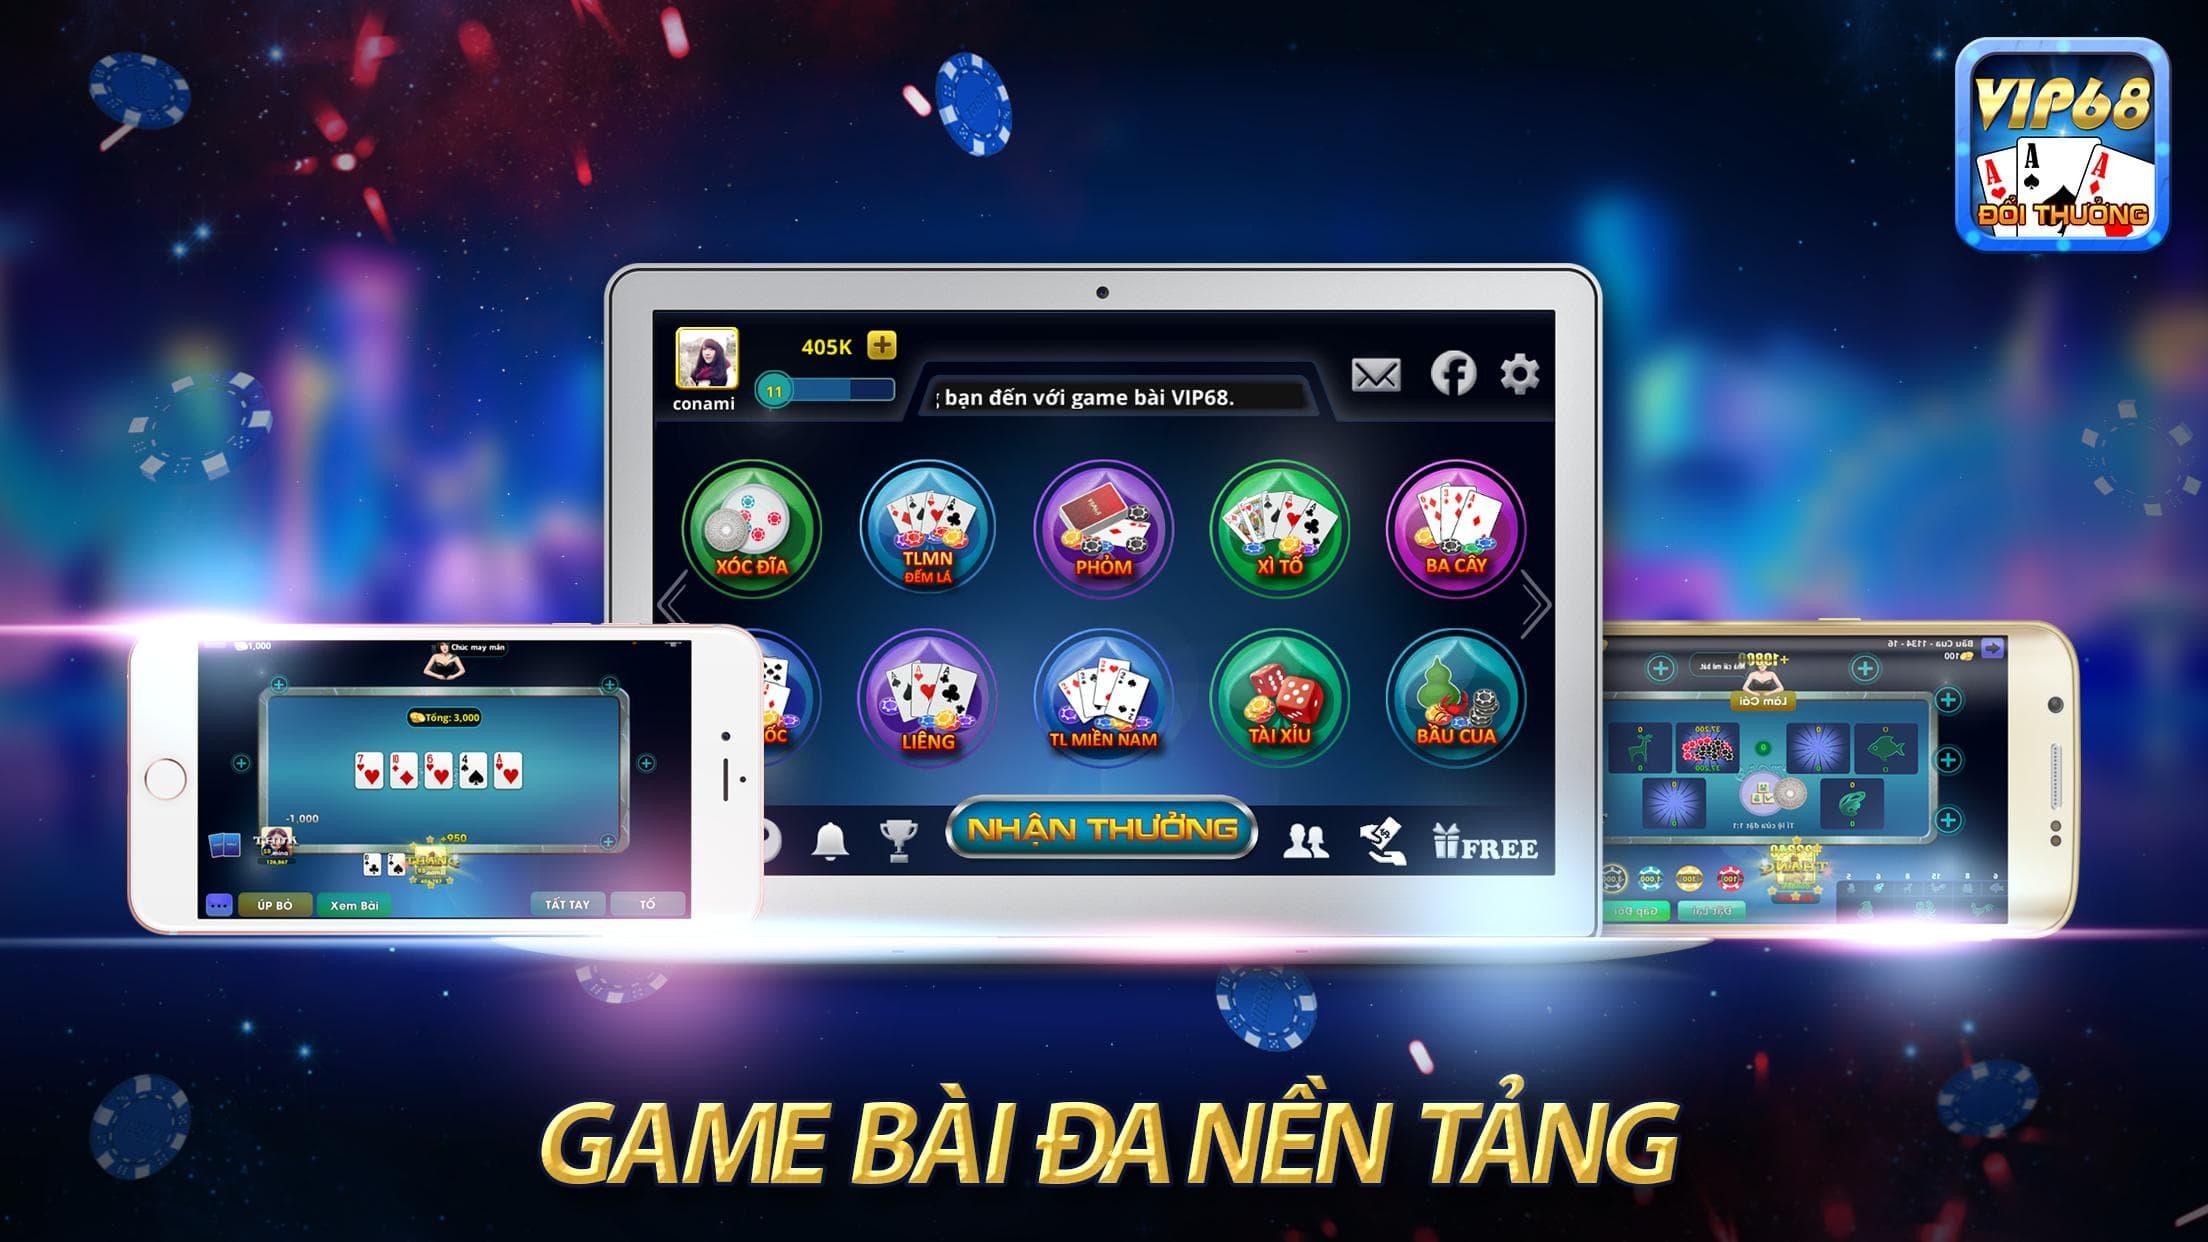 vip68 game bai doi thuong